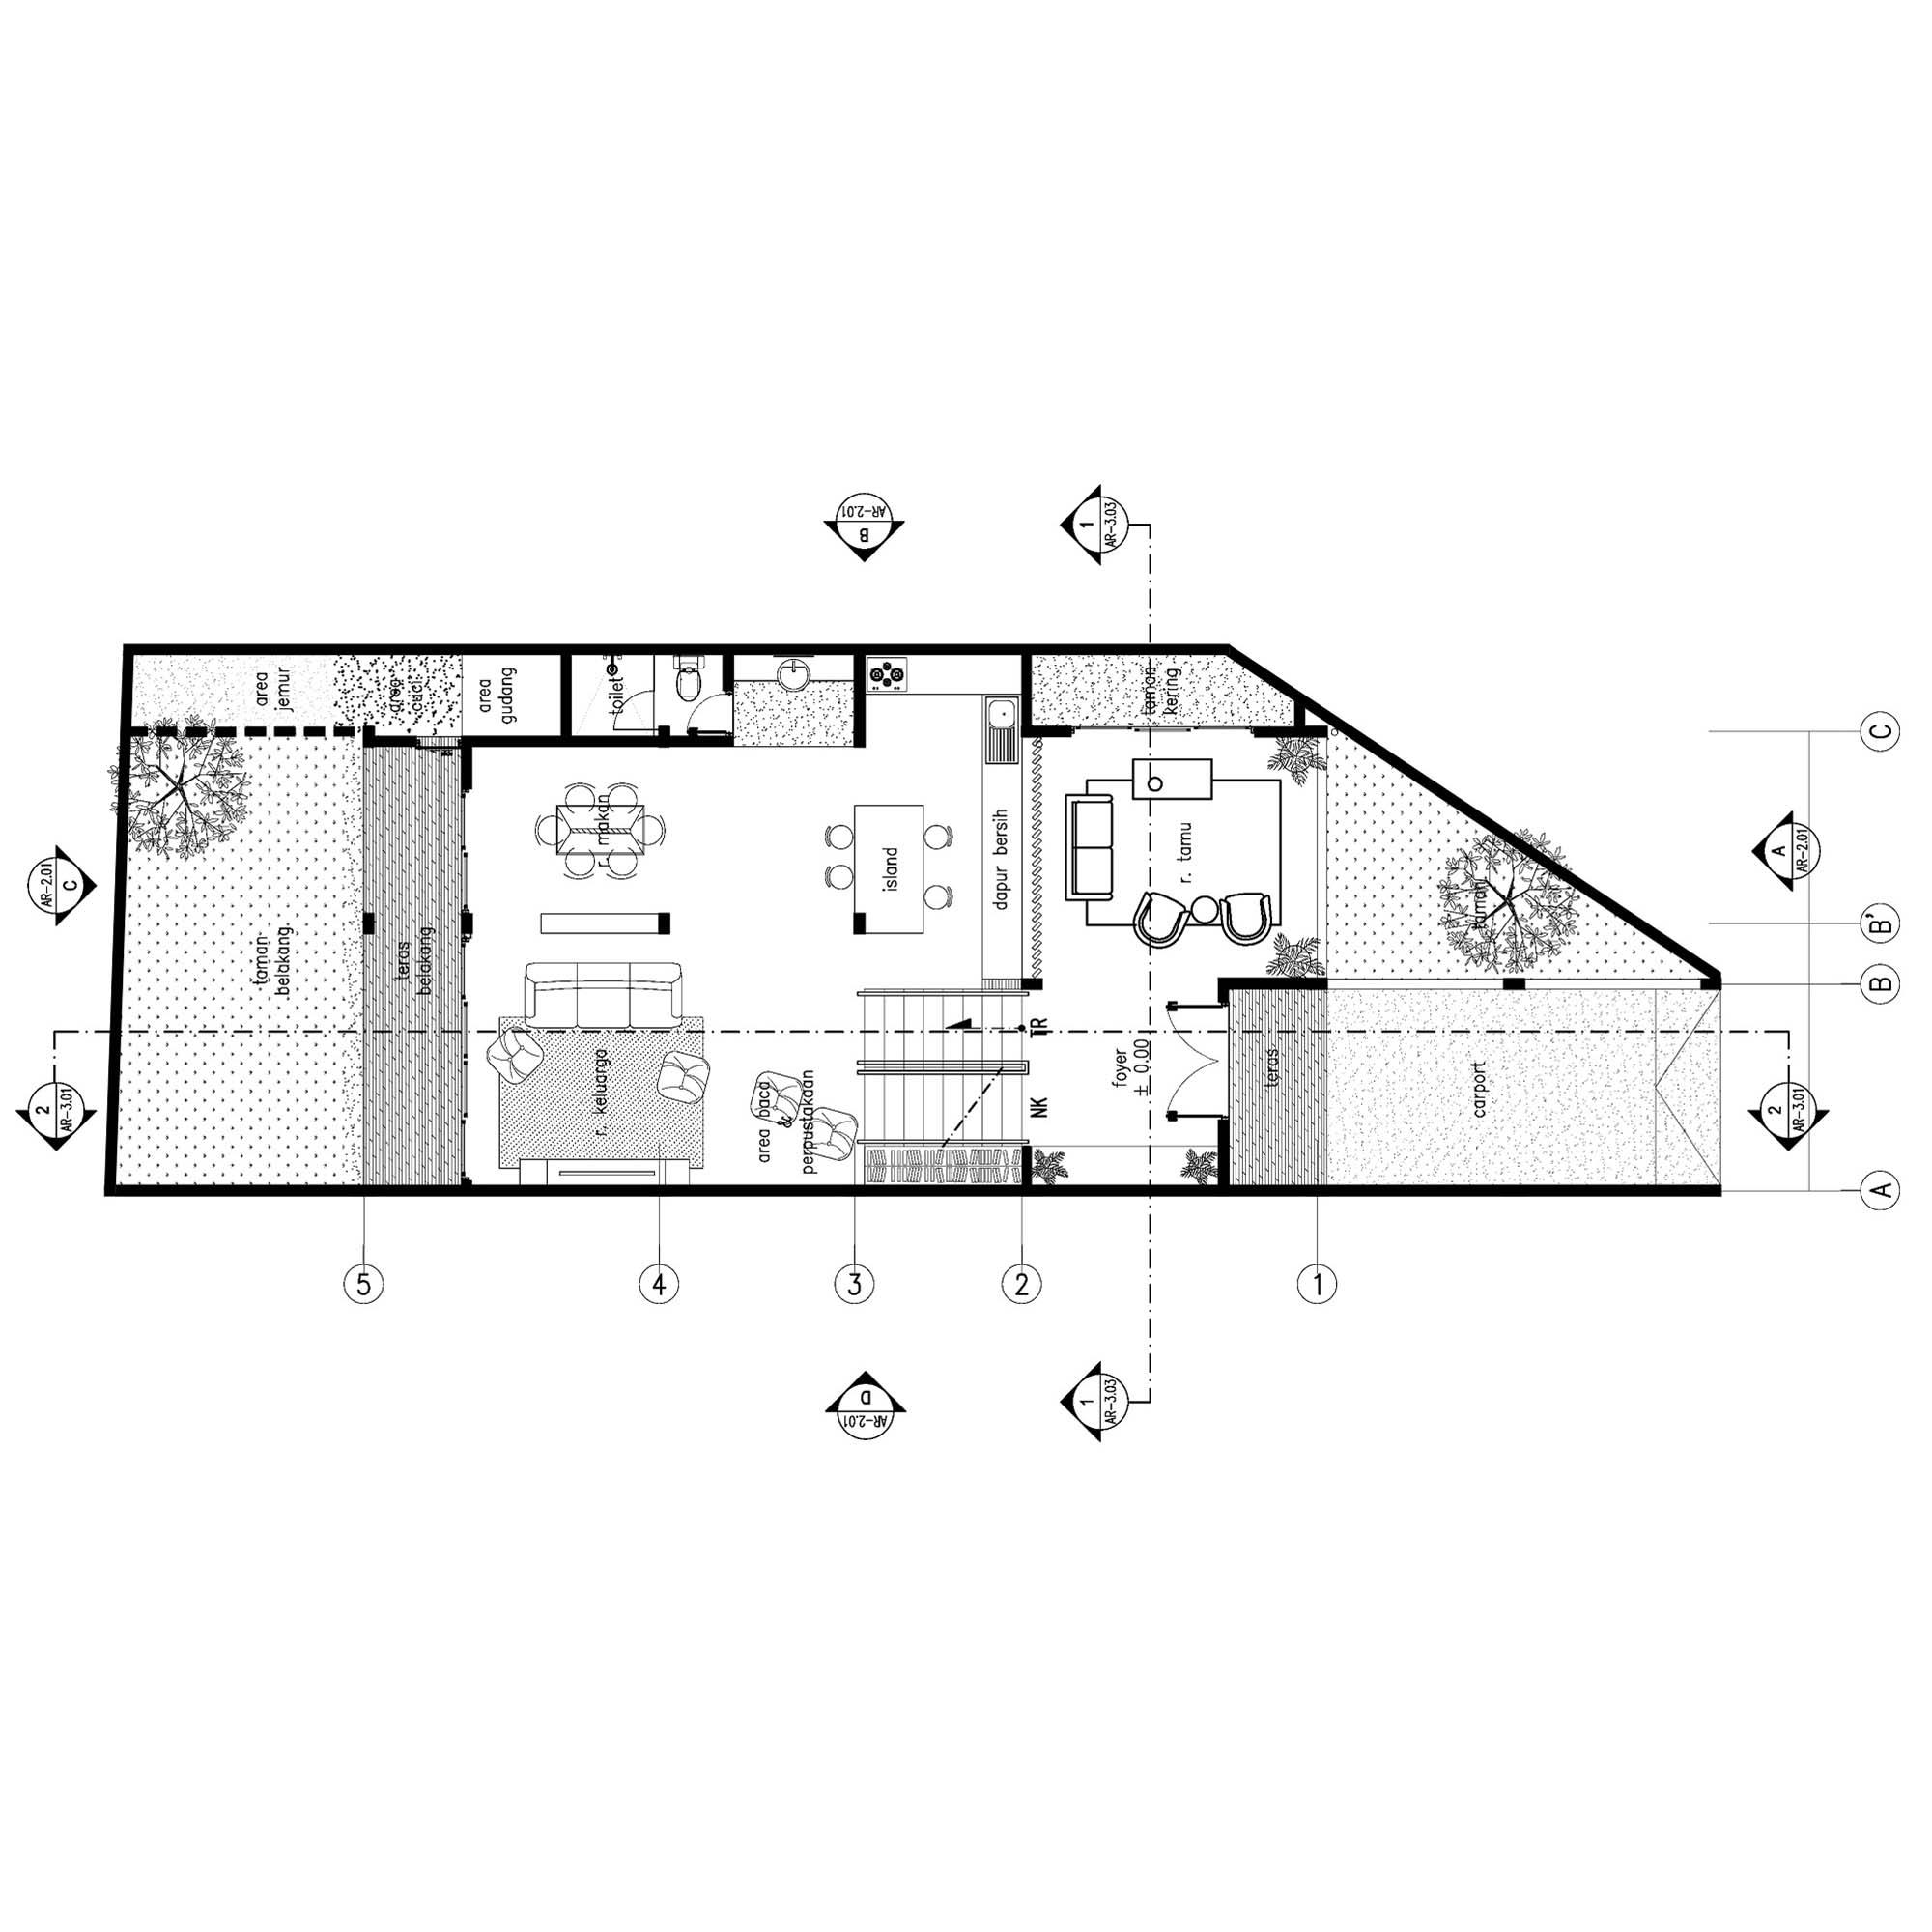 GK HOUSE (1)